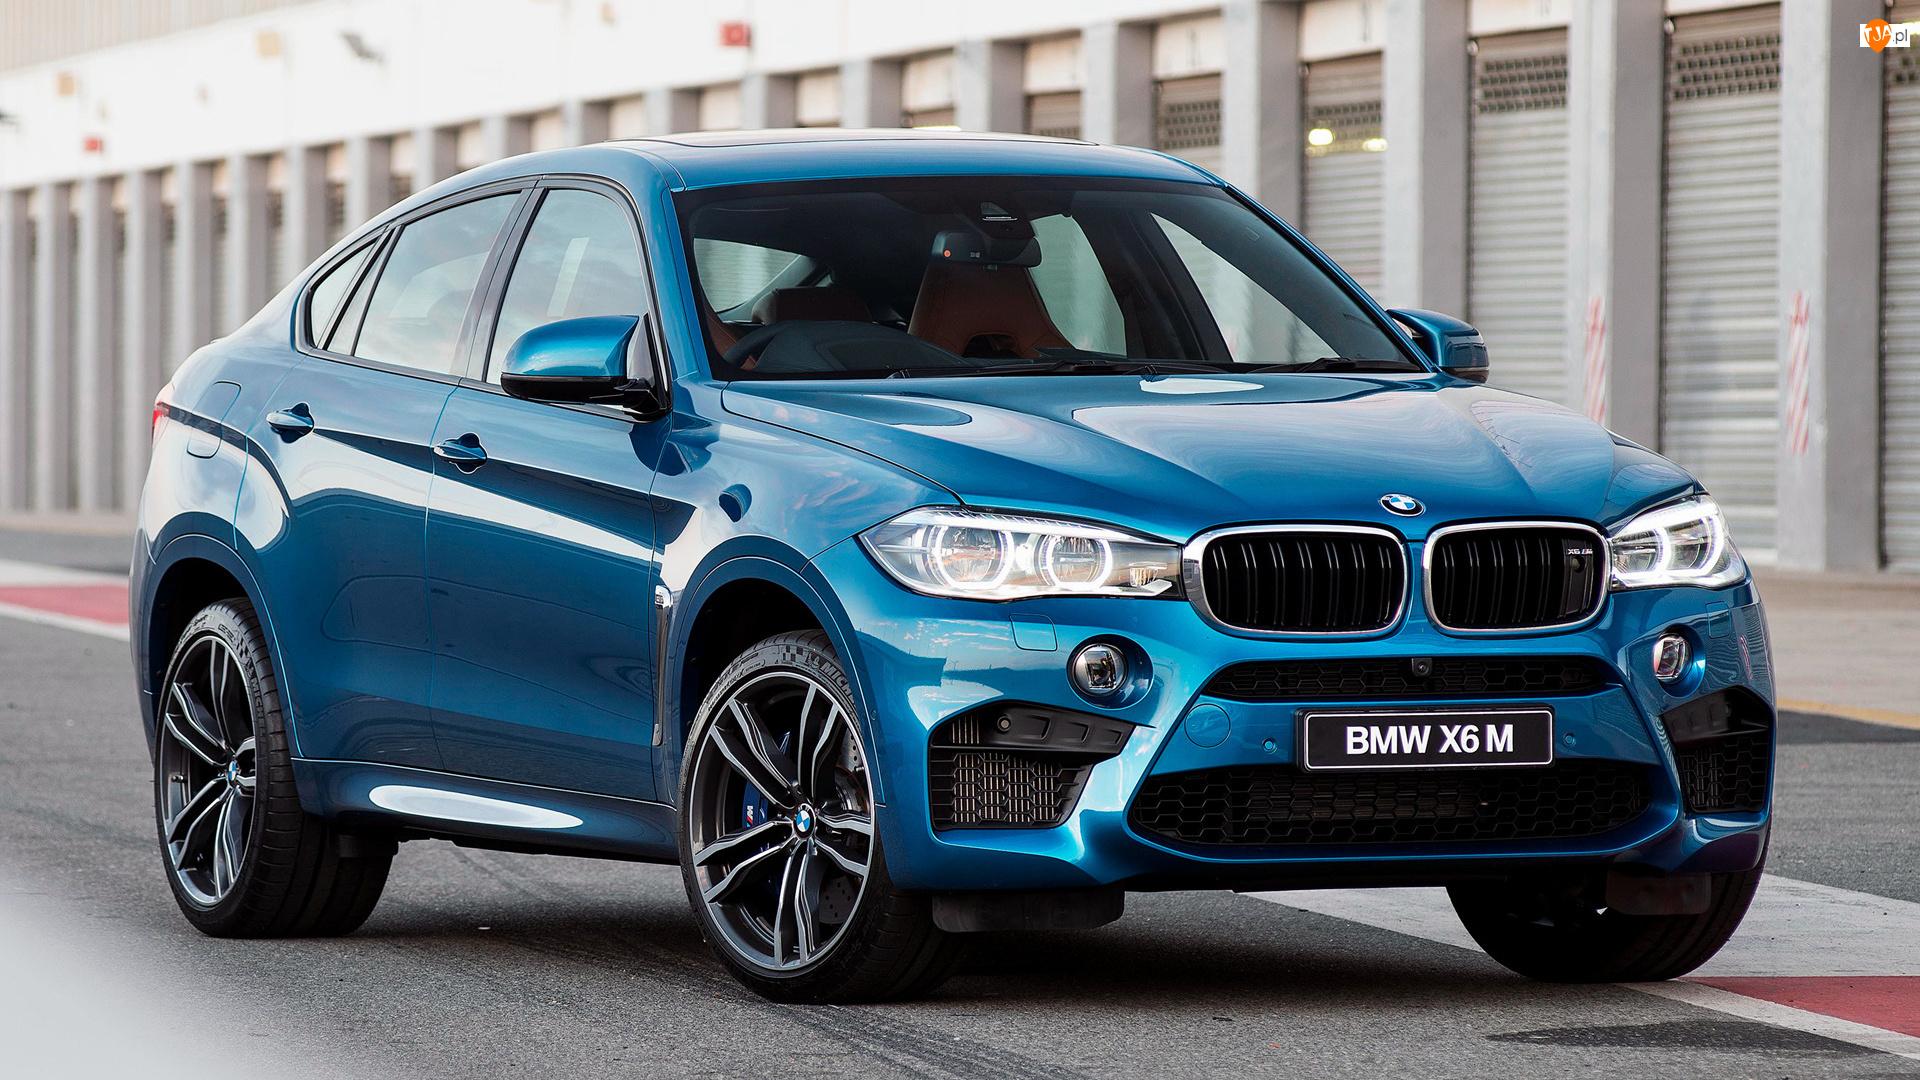 Druga generacja, Niebieskie, BMW X6 M, F16